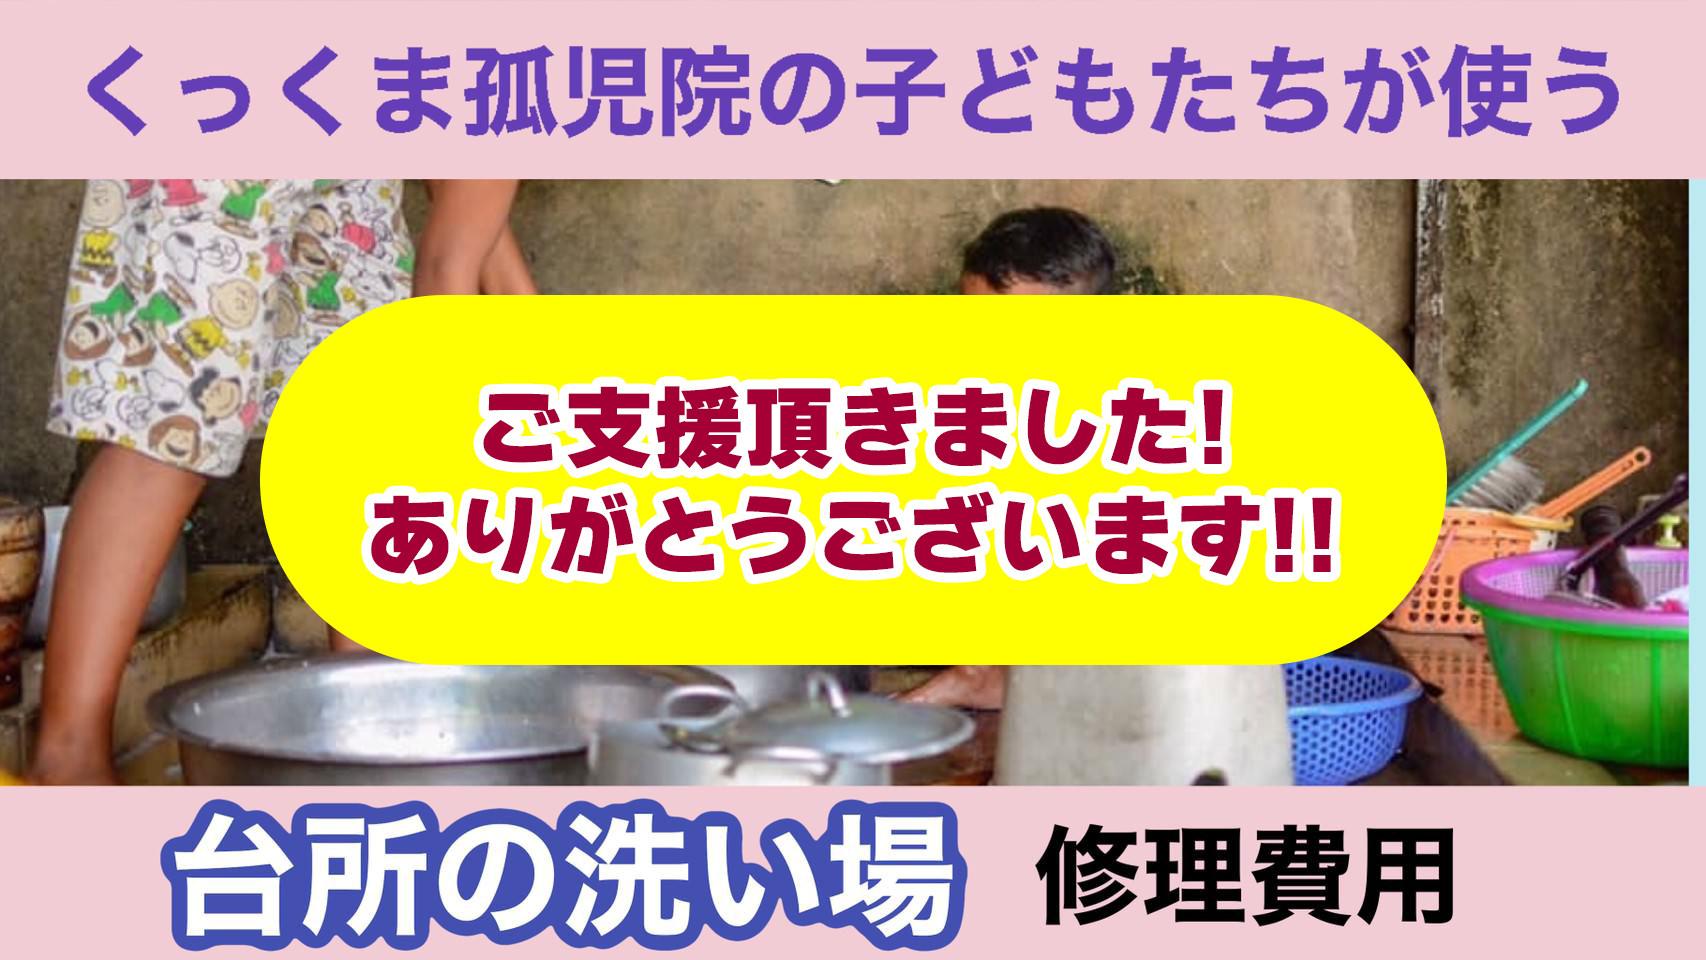 スポット 単発20万円 くっくまの台所の洗い場 修理費用